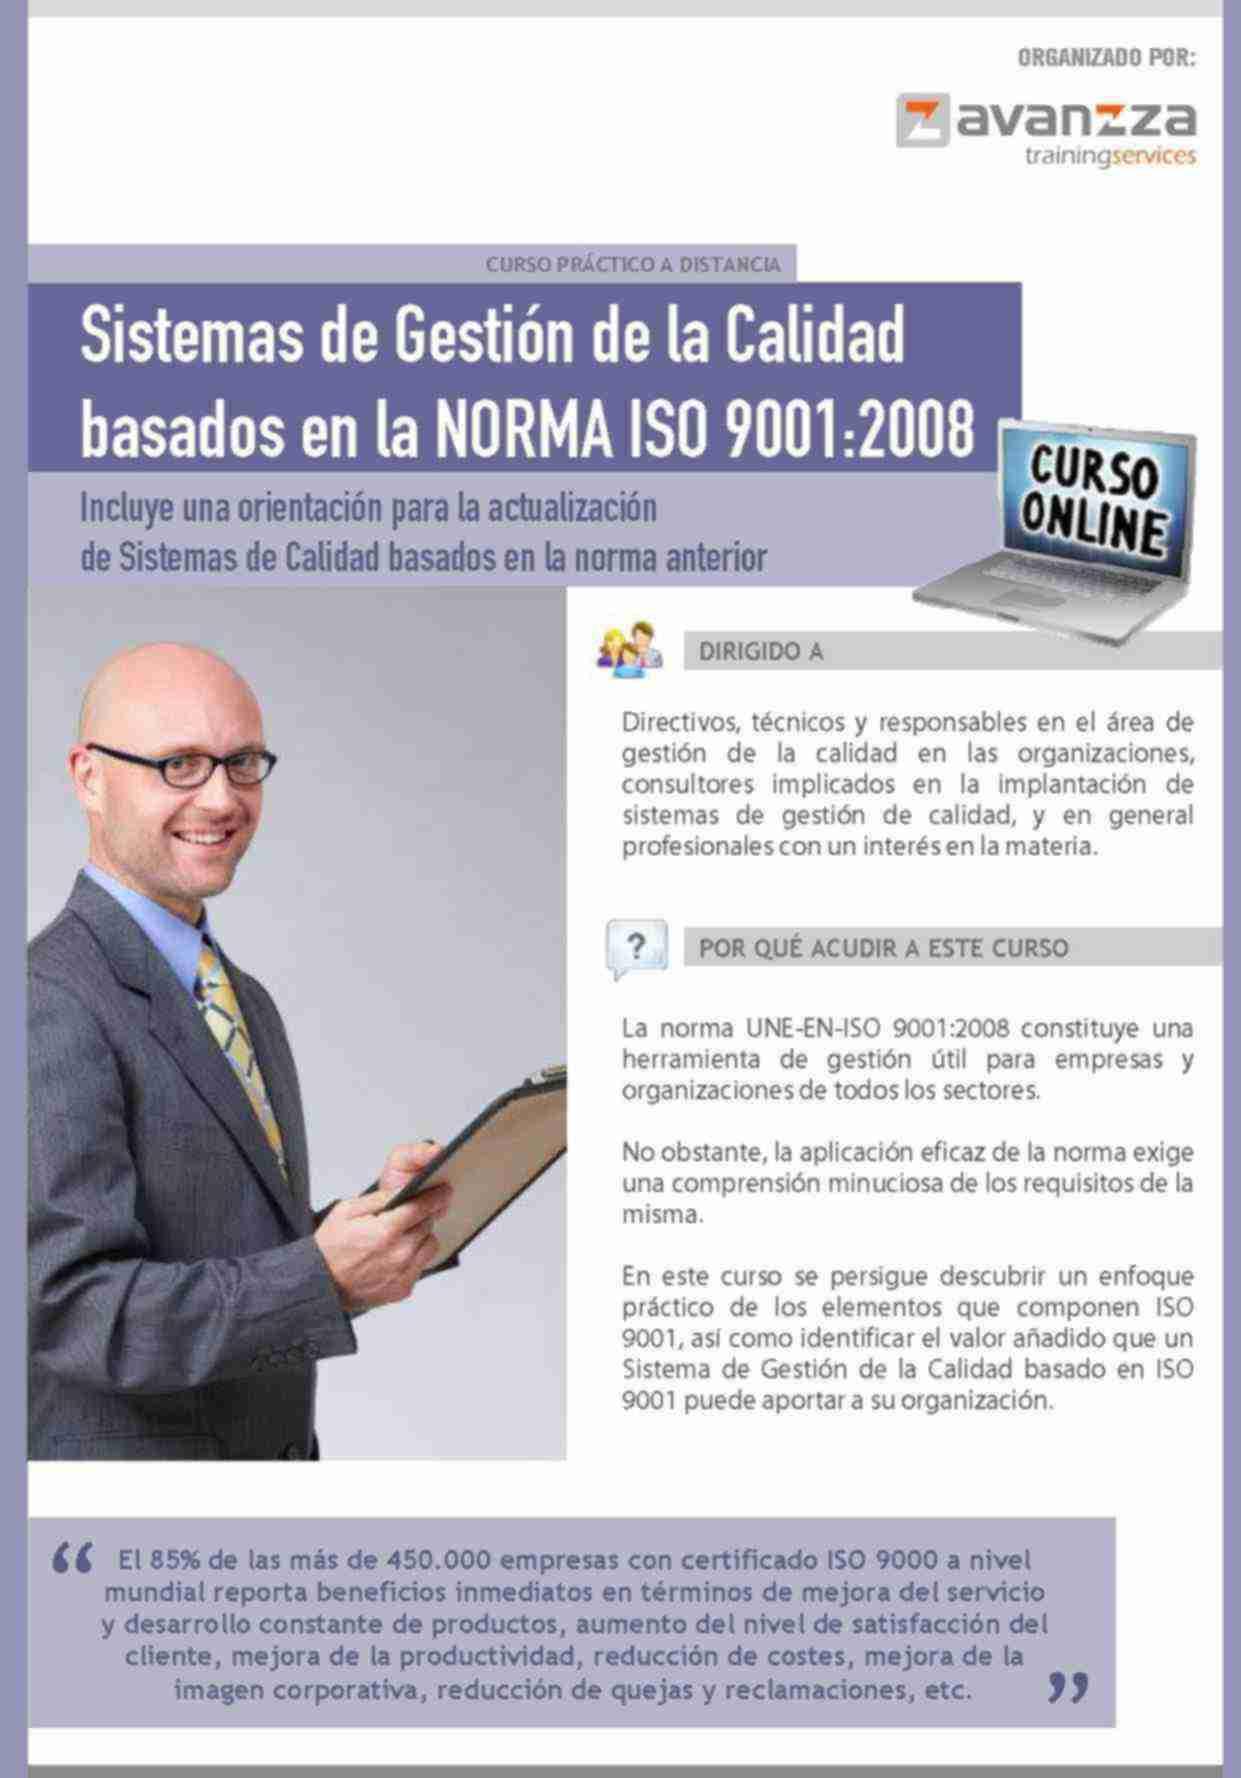 Sistemas de Gestión de la Calidad basados en la Norma ISO 9001:2008